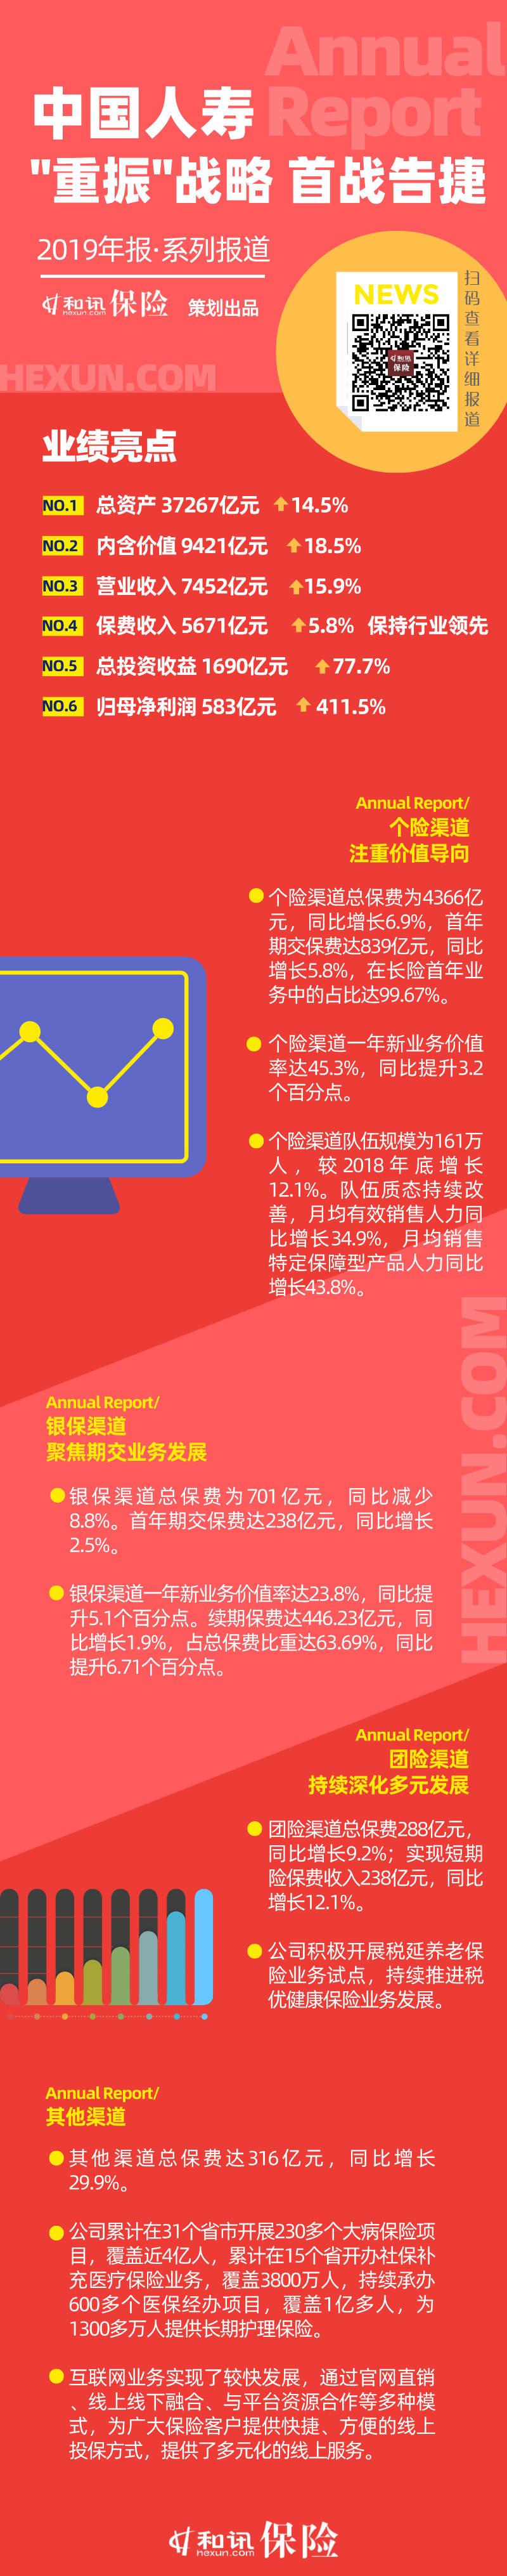 """图说年报丨中国人寿""""重振""""战略 首战告捷"""